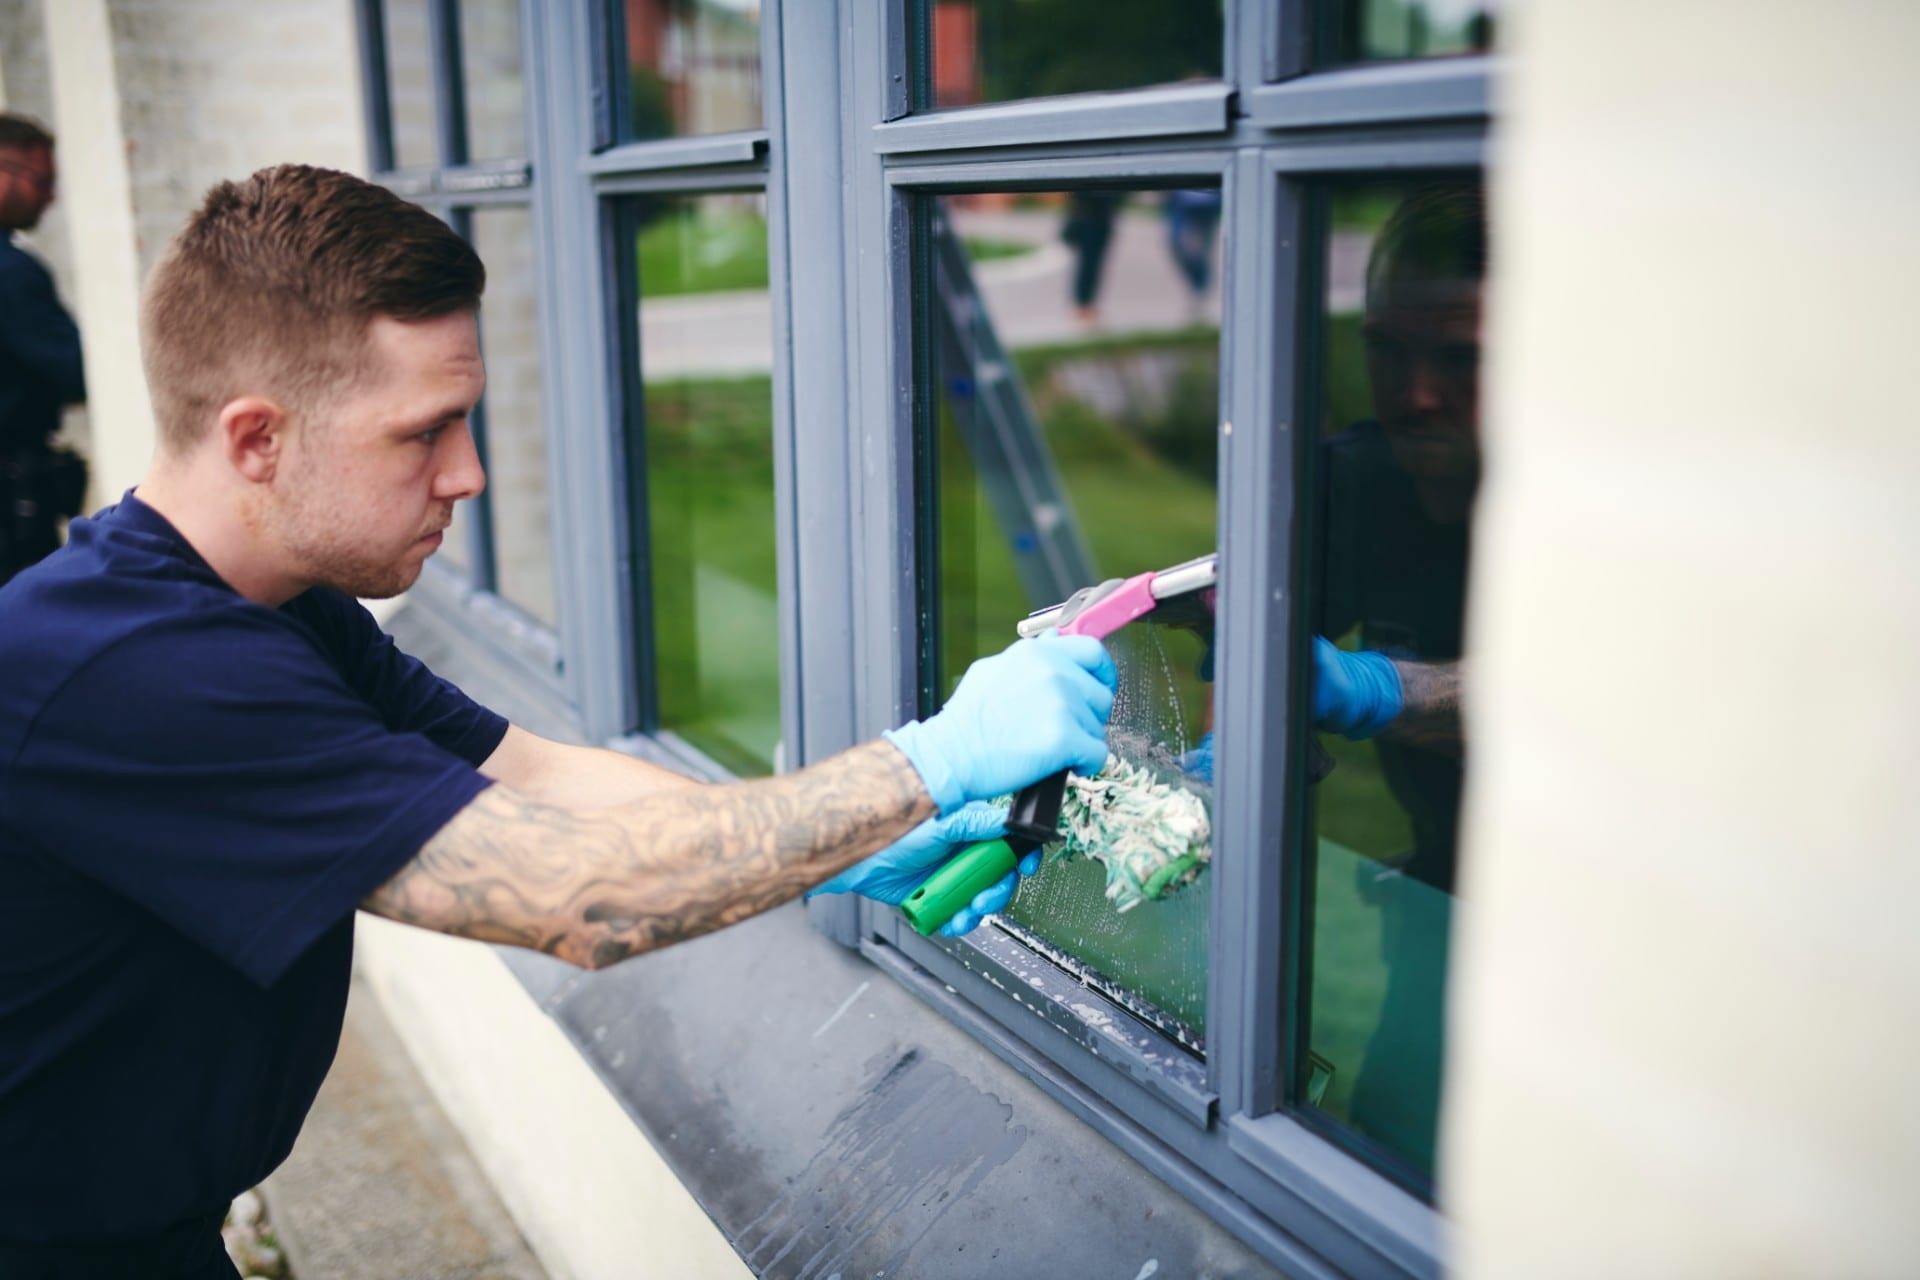 Renell-vinduespudser pudser vindue hos erhvervskunde